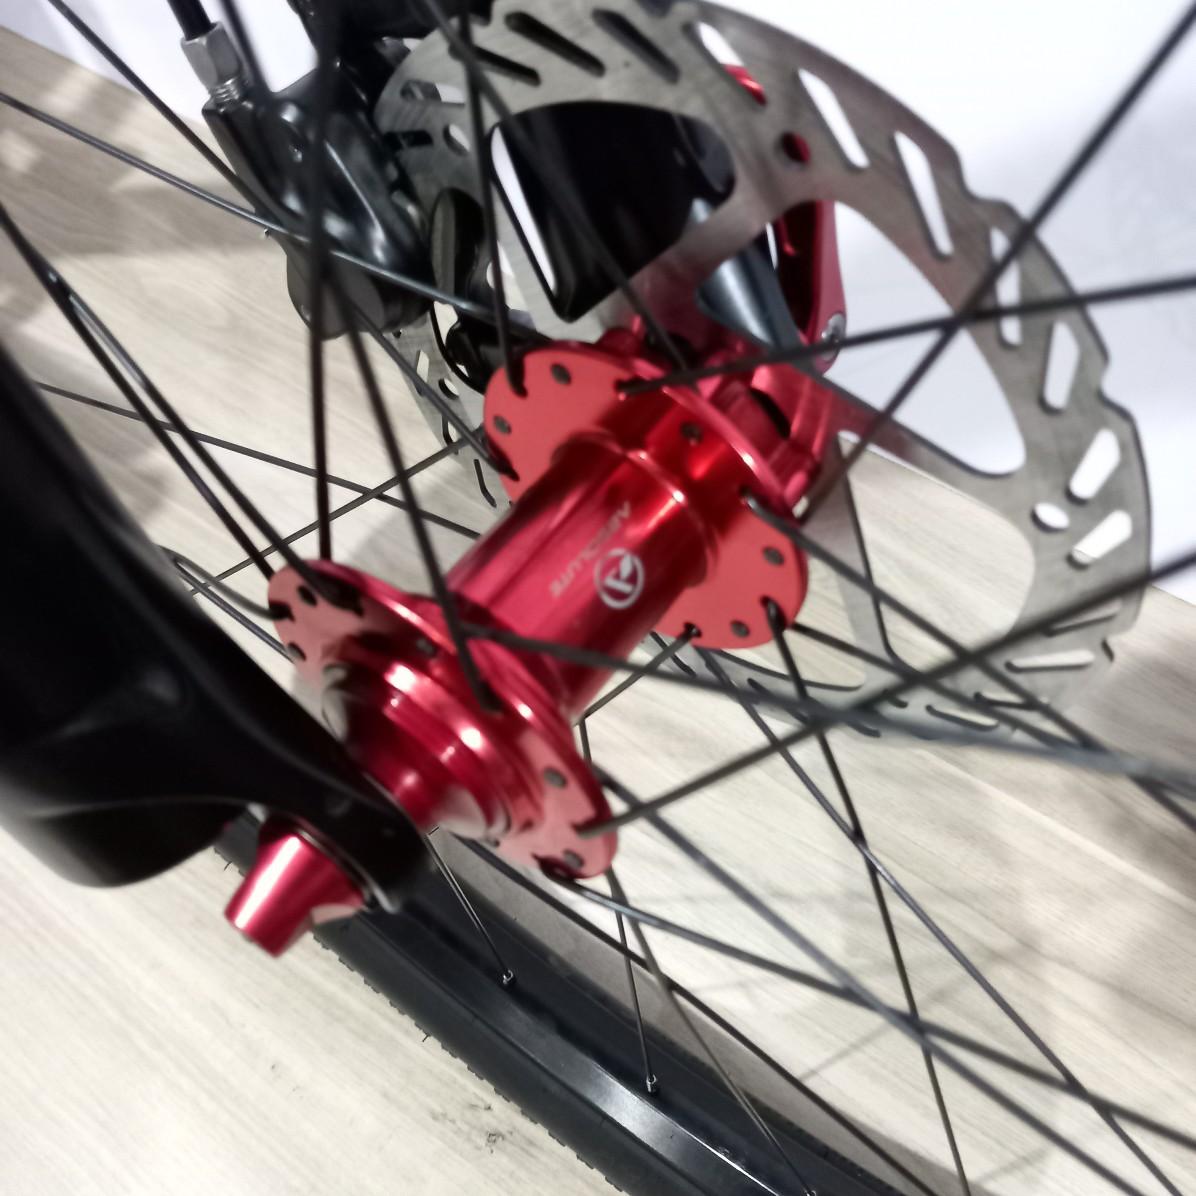 Bicicleta FIRST Lunix aro 29 - 12v Sram NX - Rodas Absolute Prime - Suspensão Absolute a AR - EXCELENTE CUSTO BENEFÍCIO